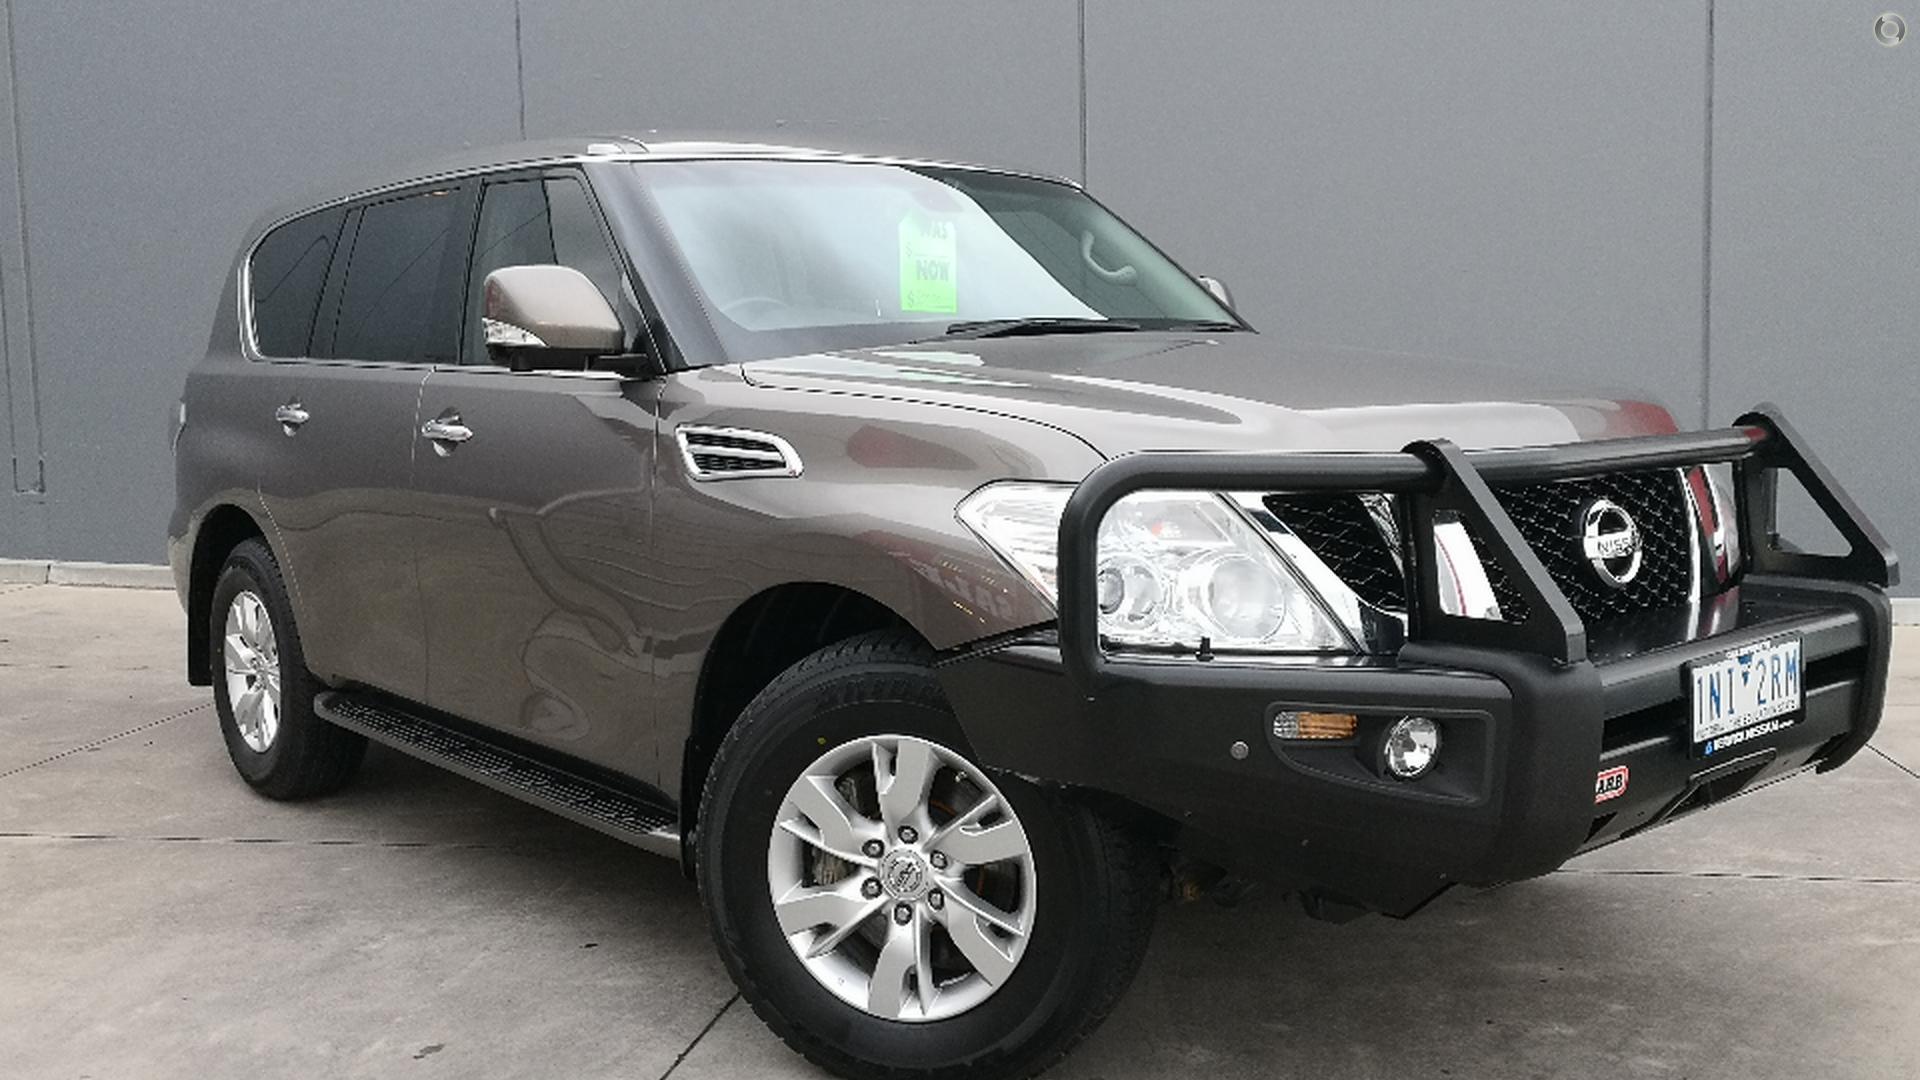 2012 Nissan Patrol Ti-l